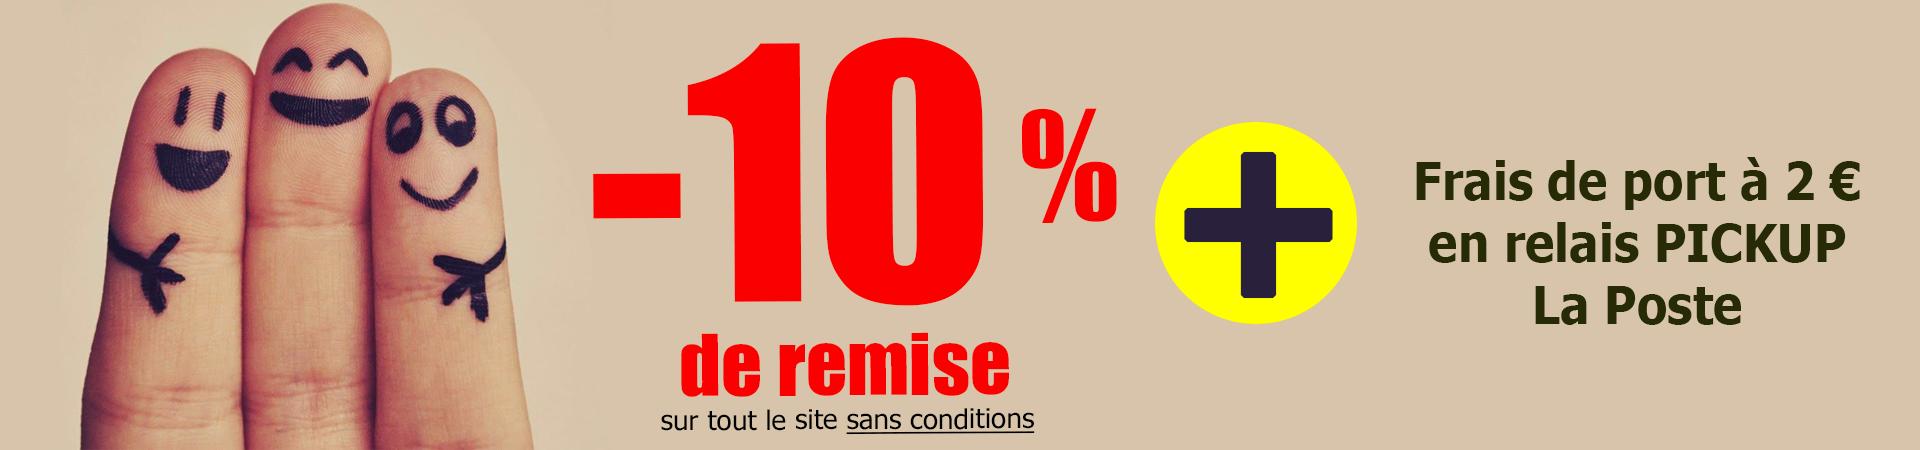 10% de réduction sur le site et frais de port à 2 euros